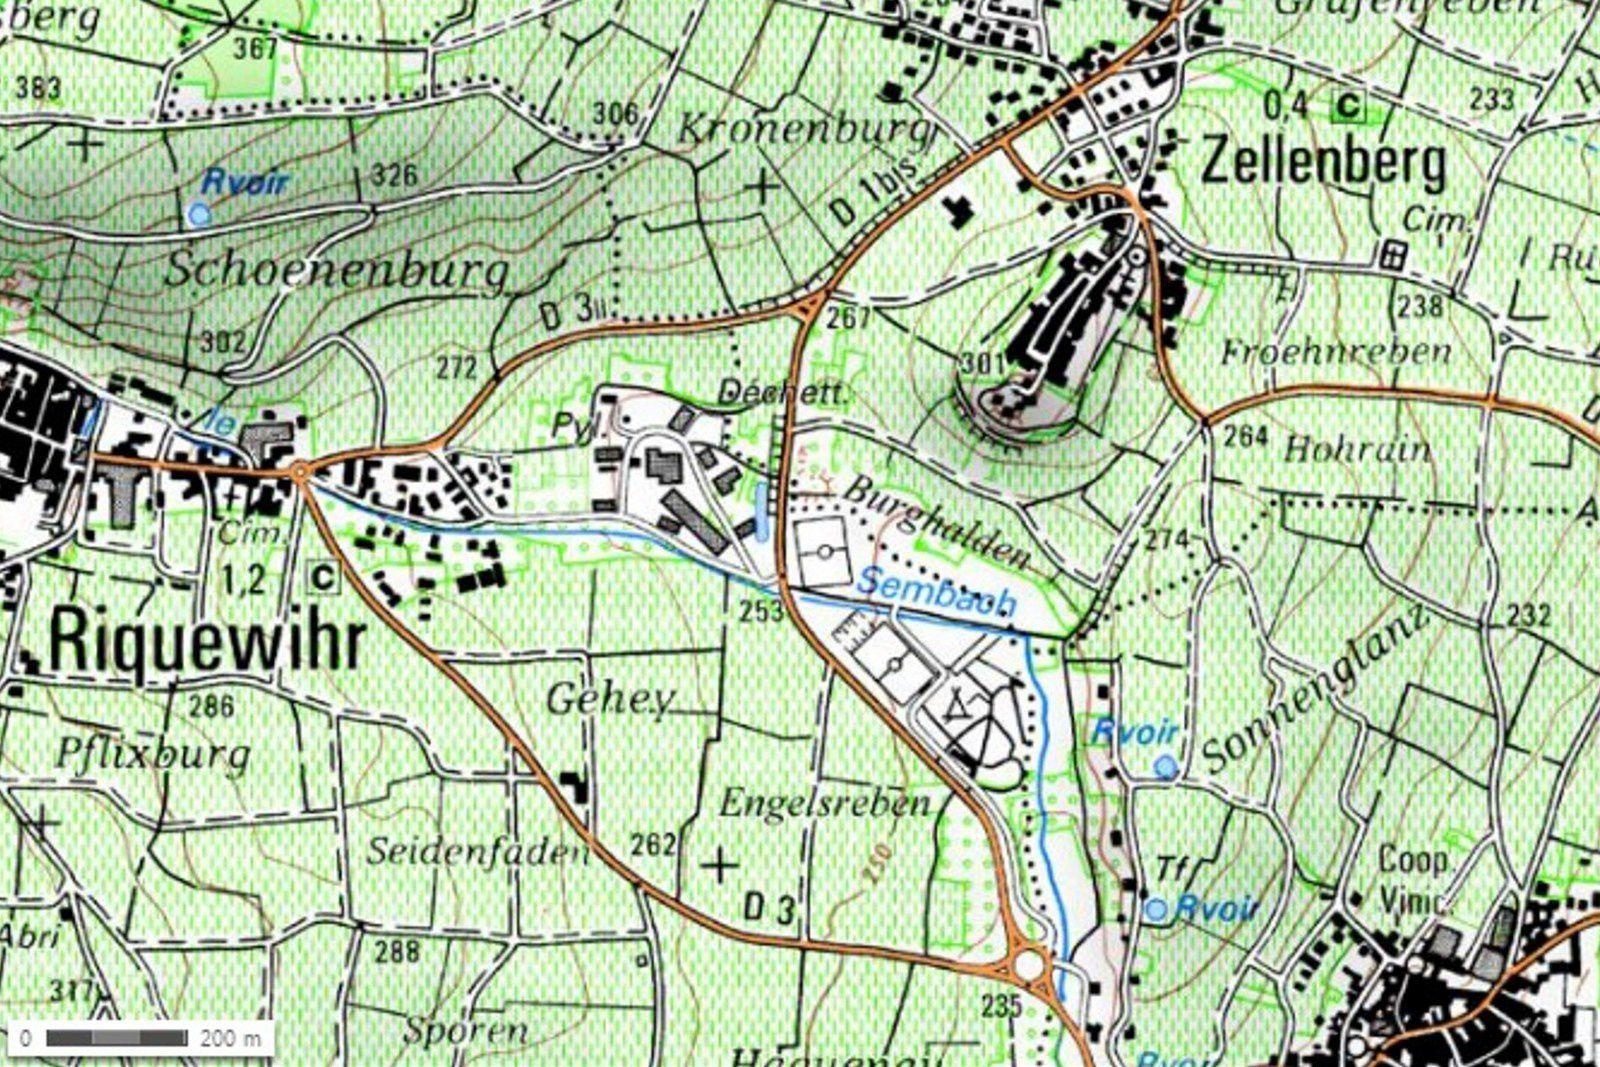 Mercredi 17 décembre - Entre Mittelwihr et Riquewihr, avec les séniors